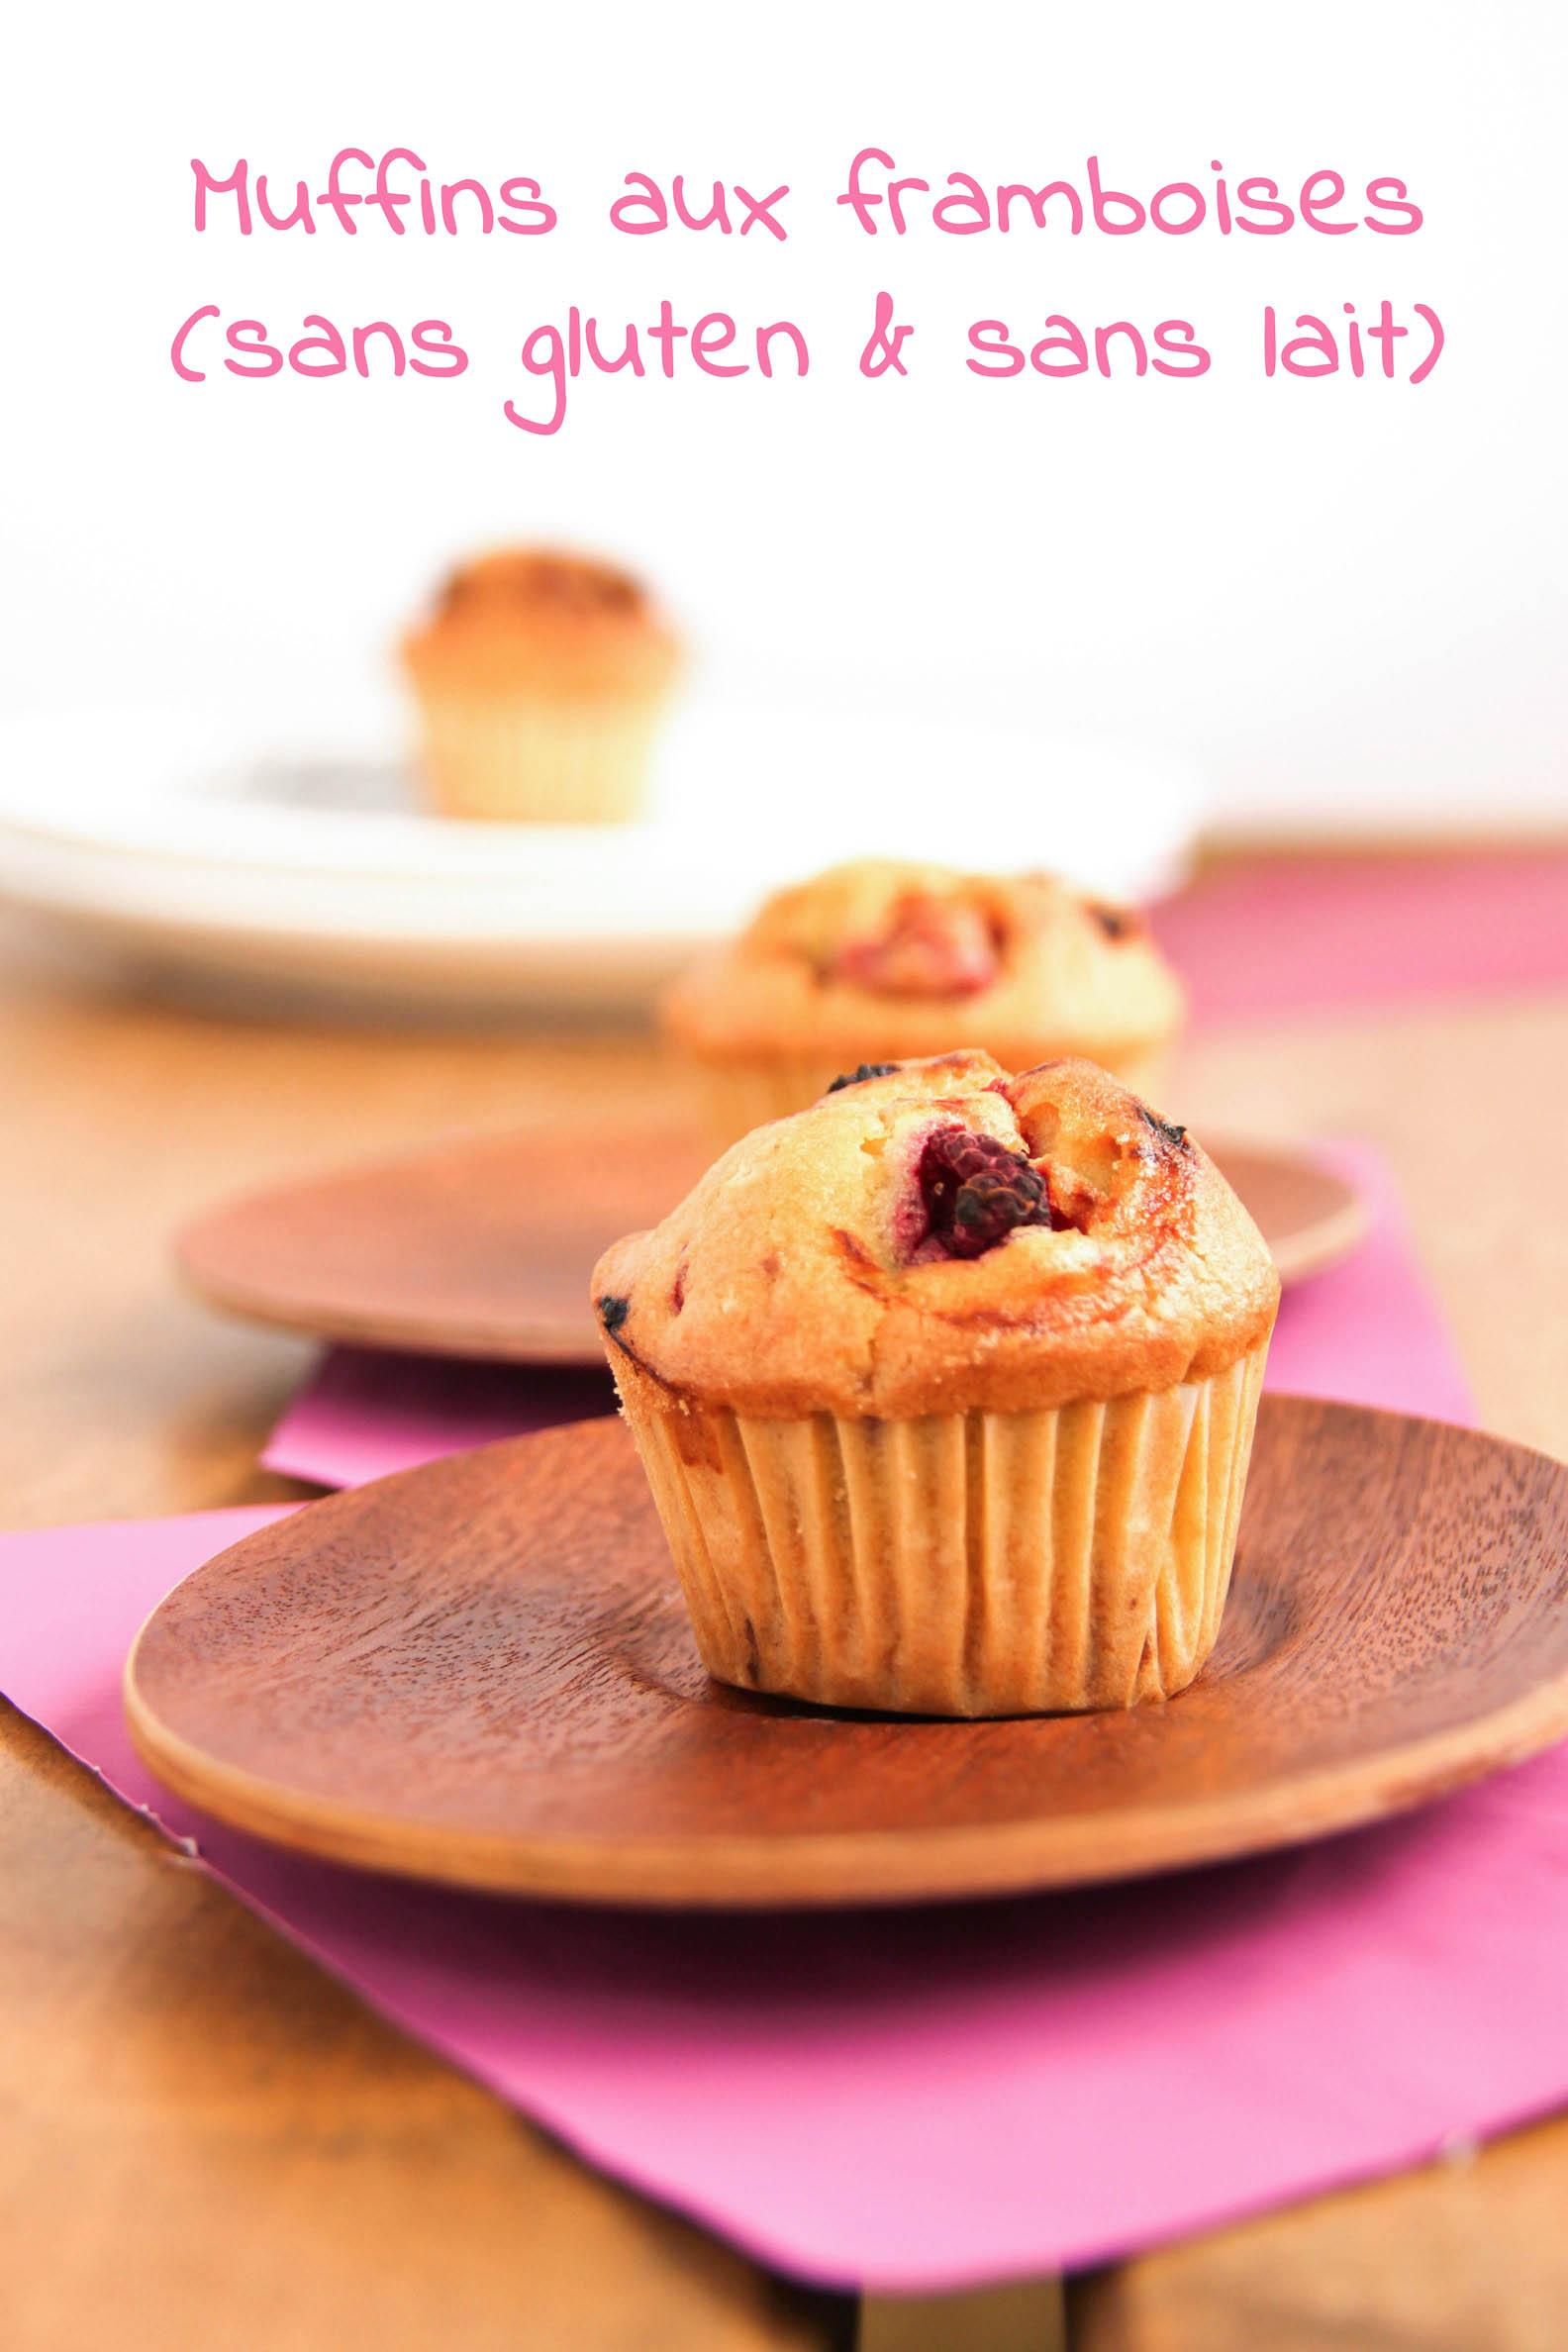 Muffins aux framboises bio et congelées